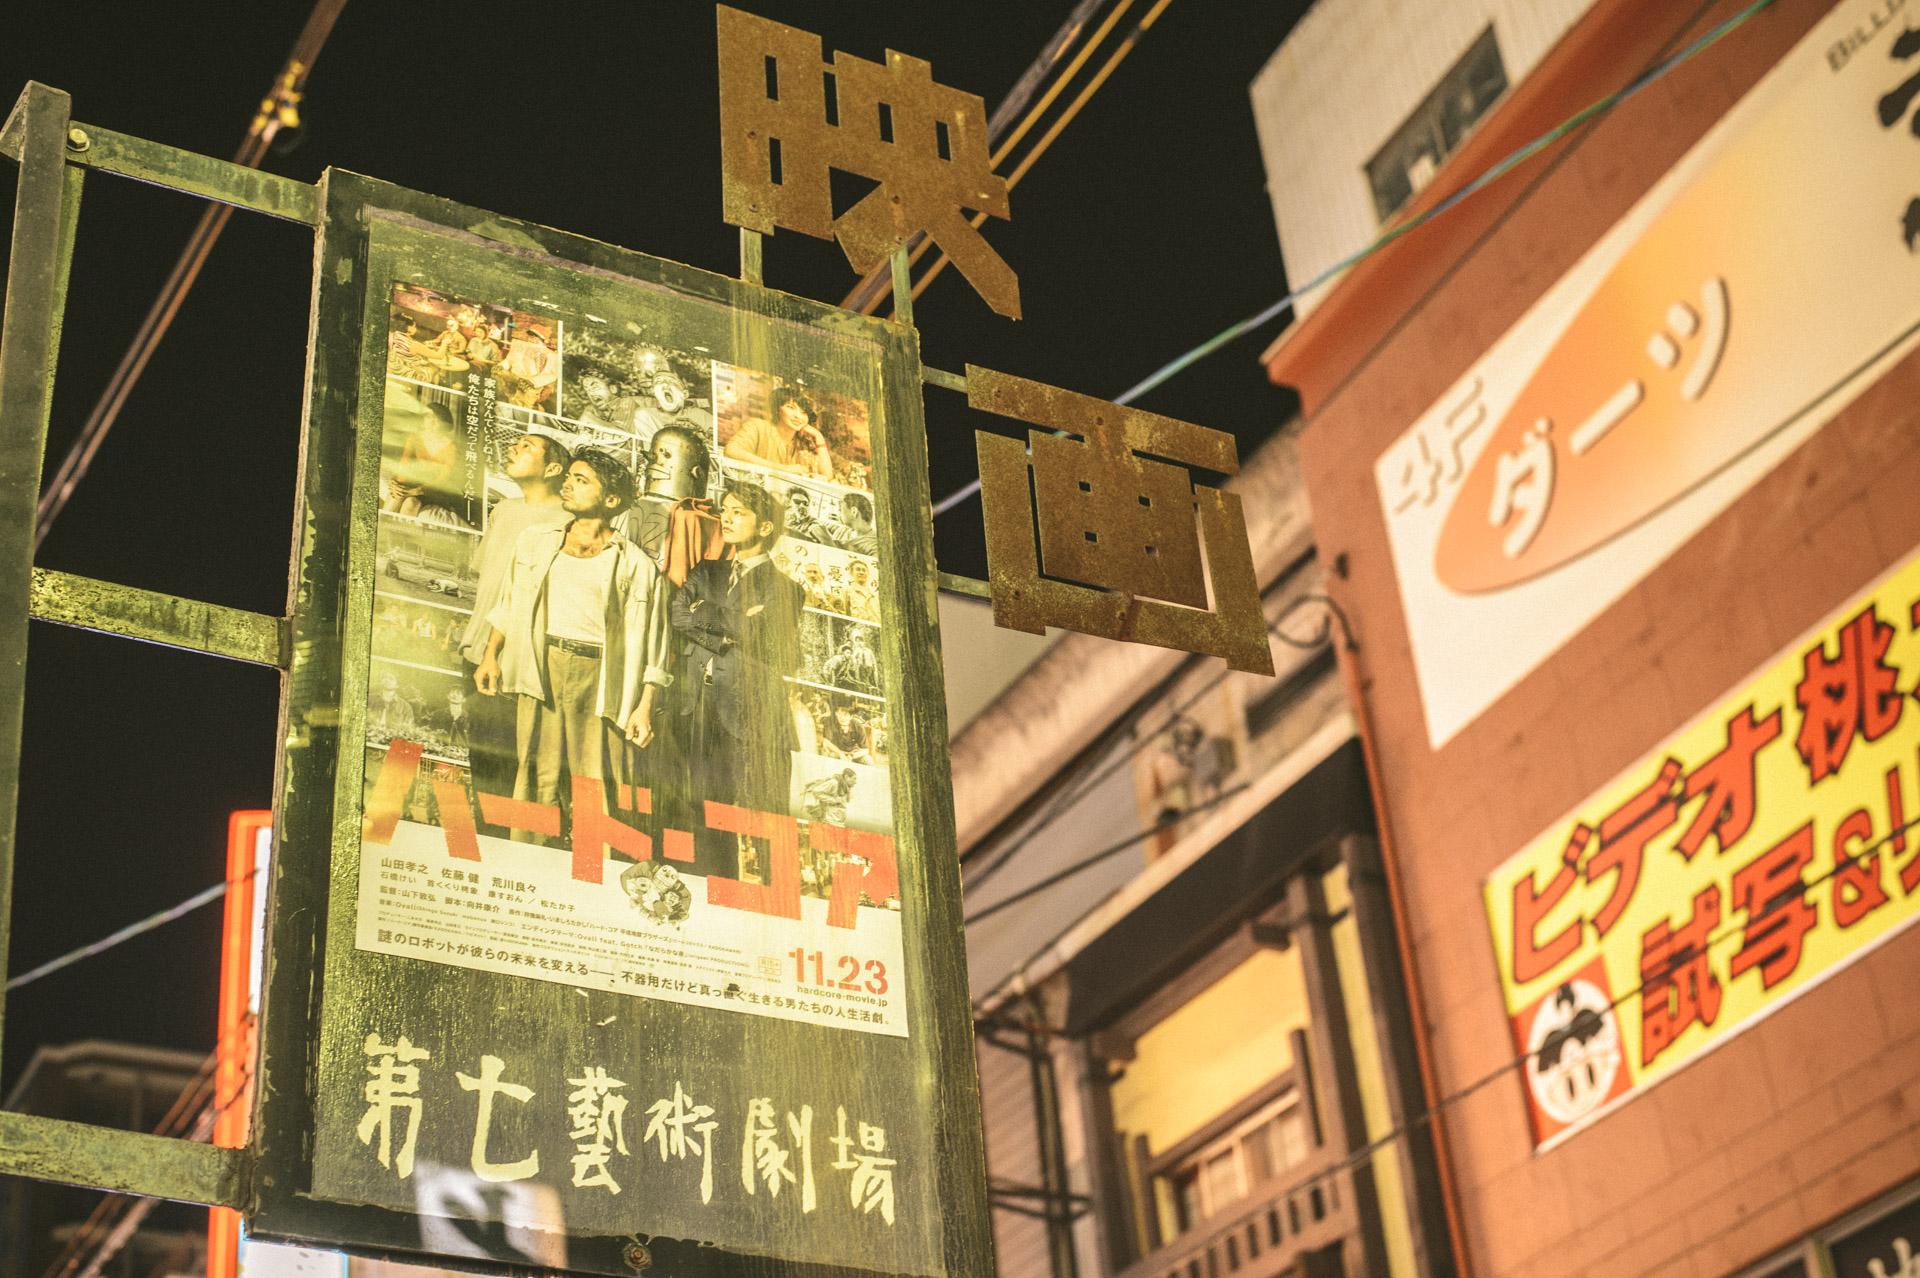 第七藝術劇場 / シアターセブン